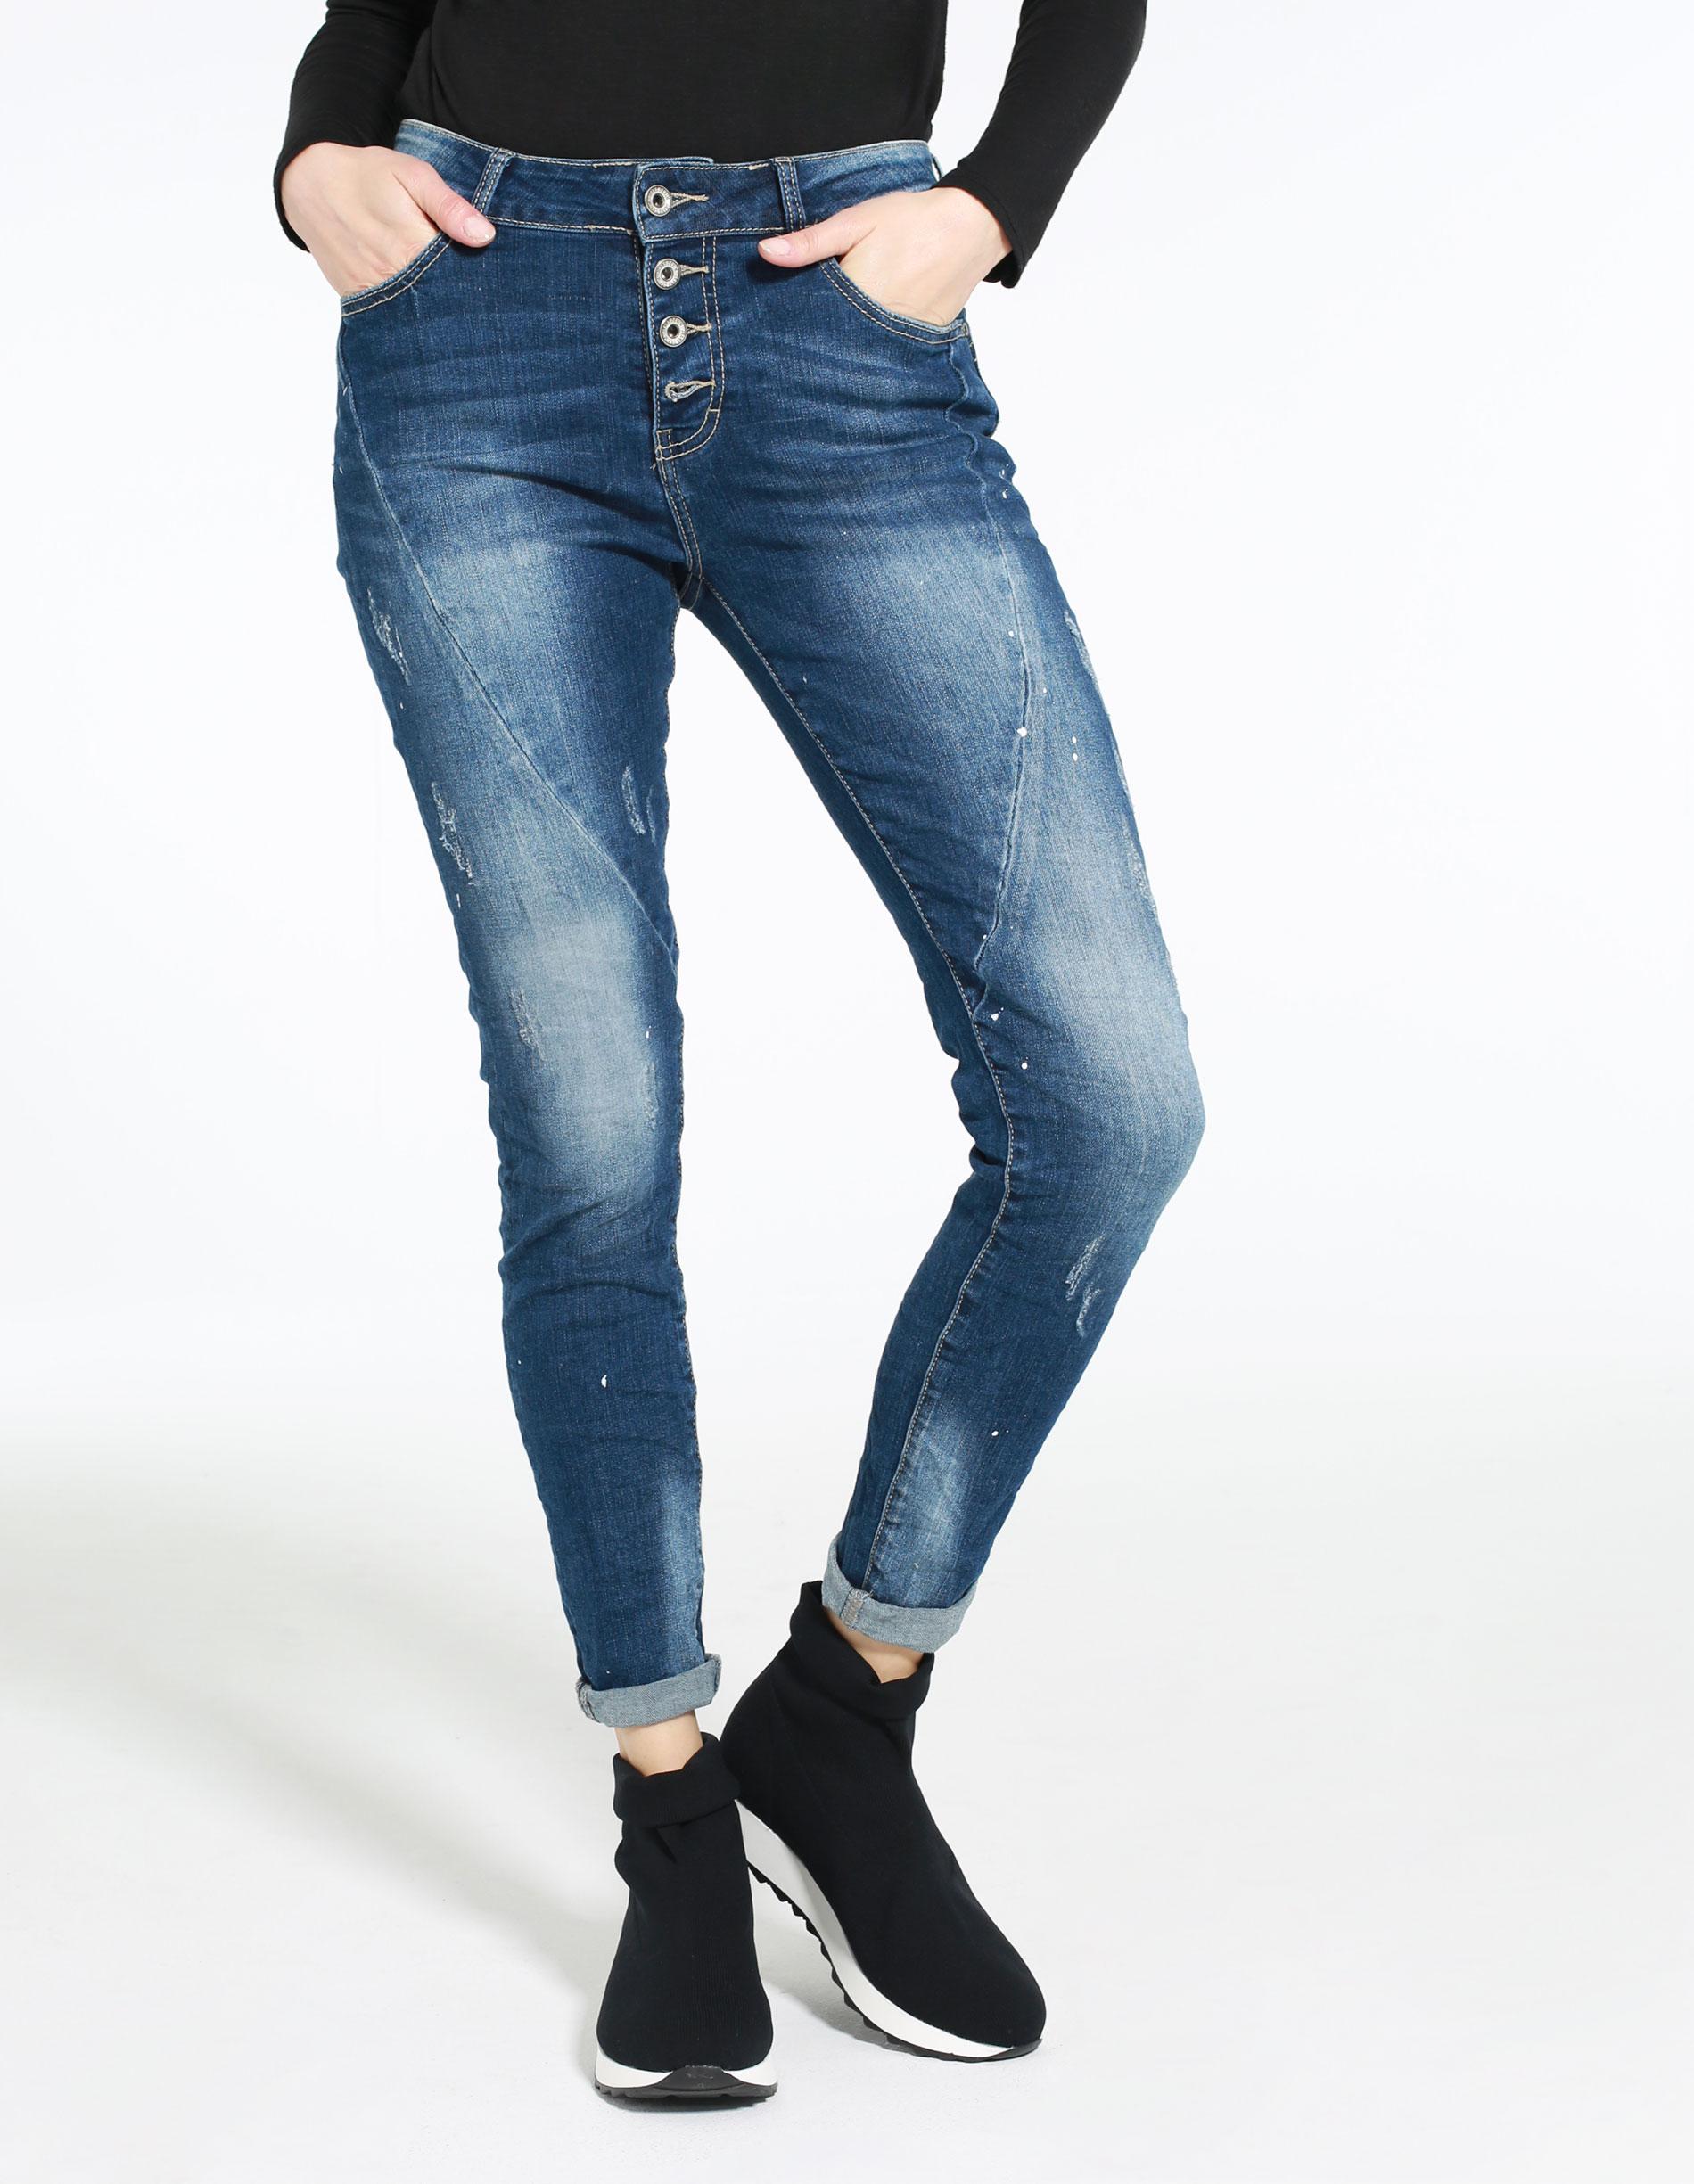 Spodnie - 42-808 JEANS - Unisono